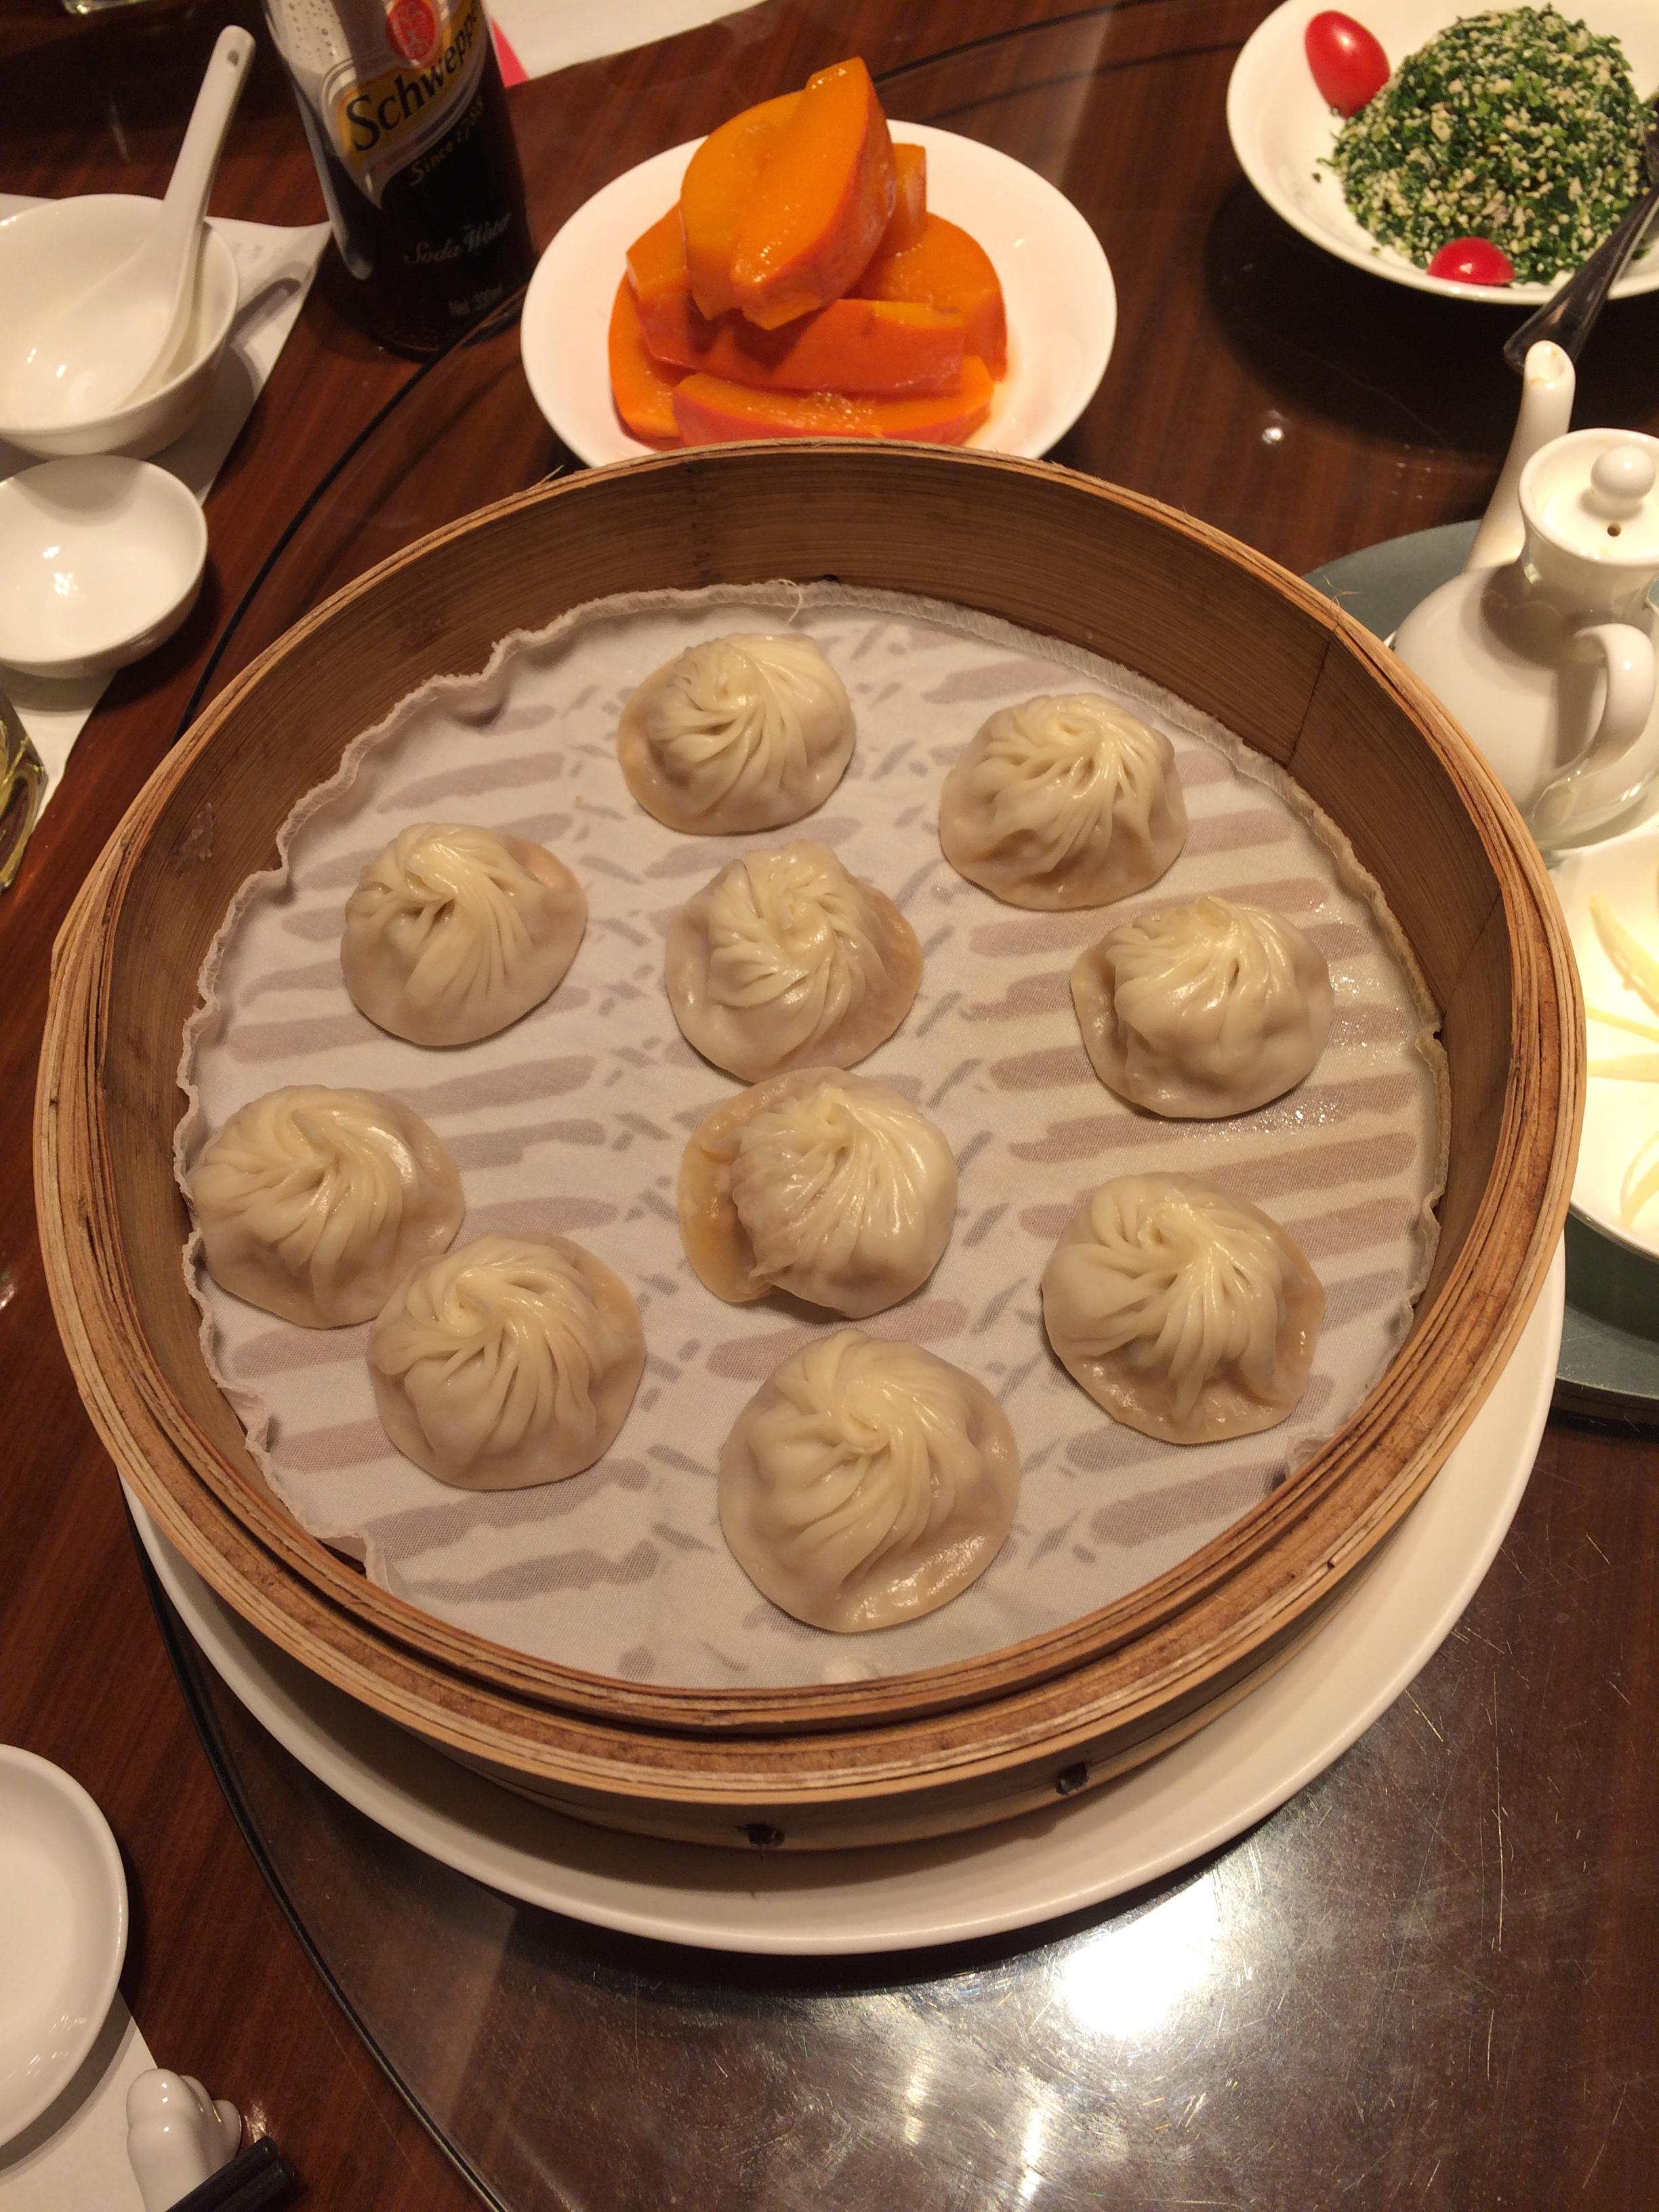 Week 13 - Chinese dumplings